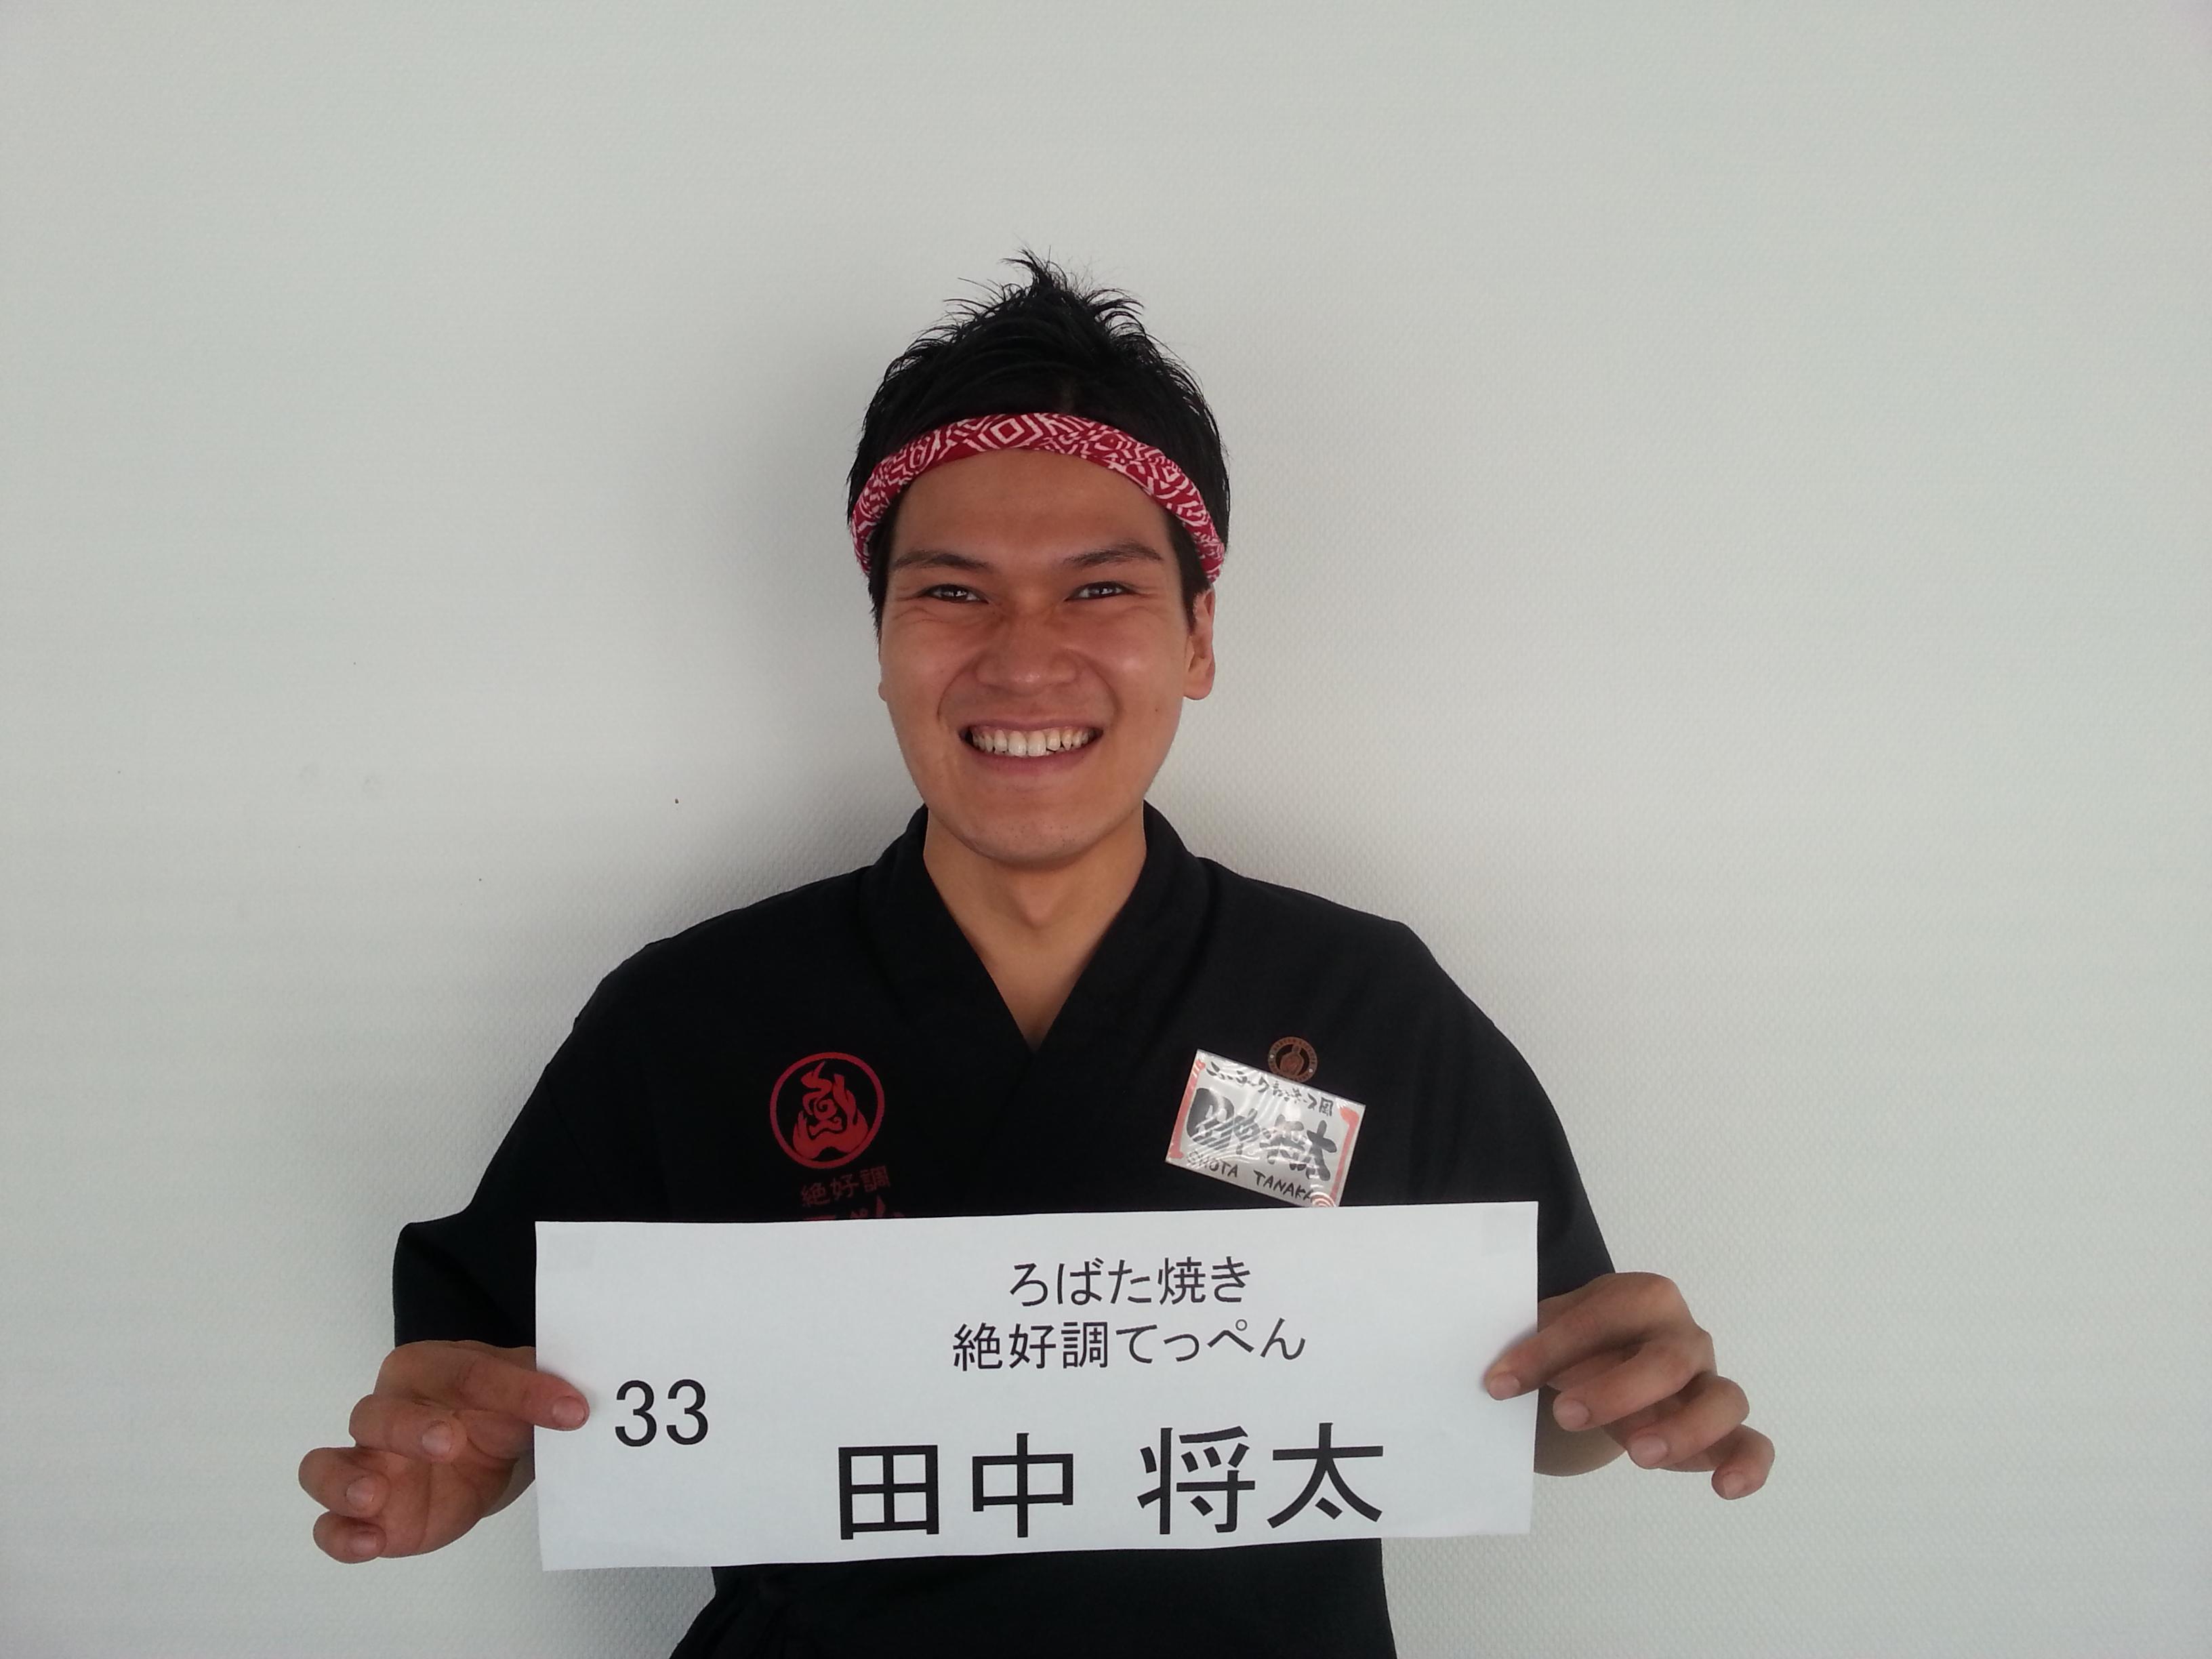 田中将太さん